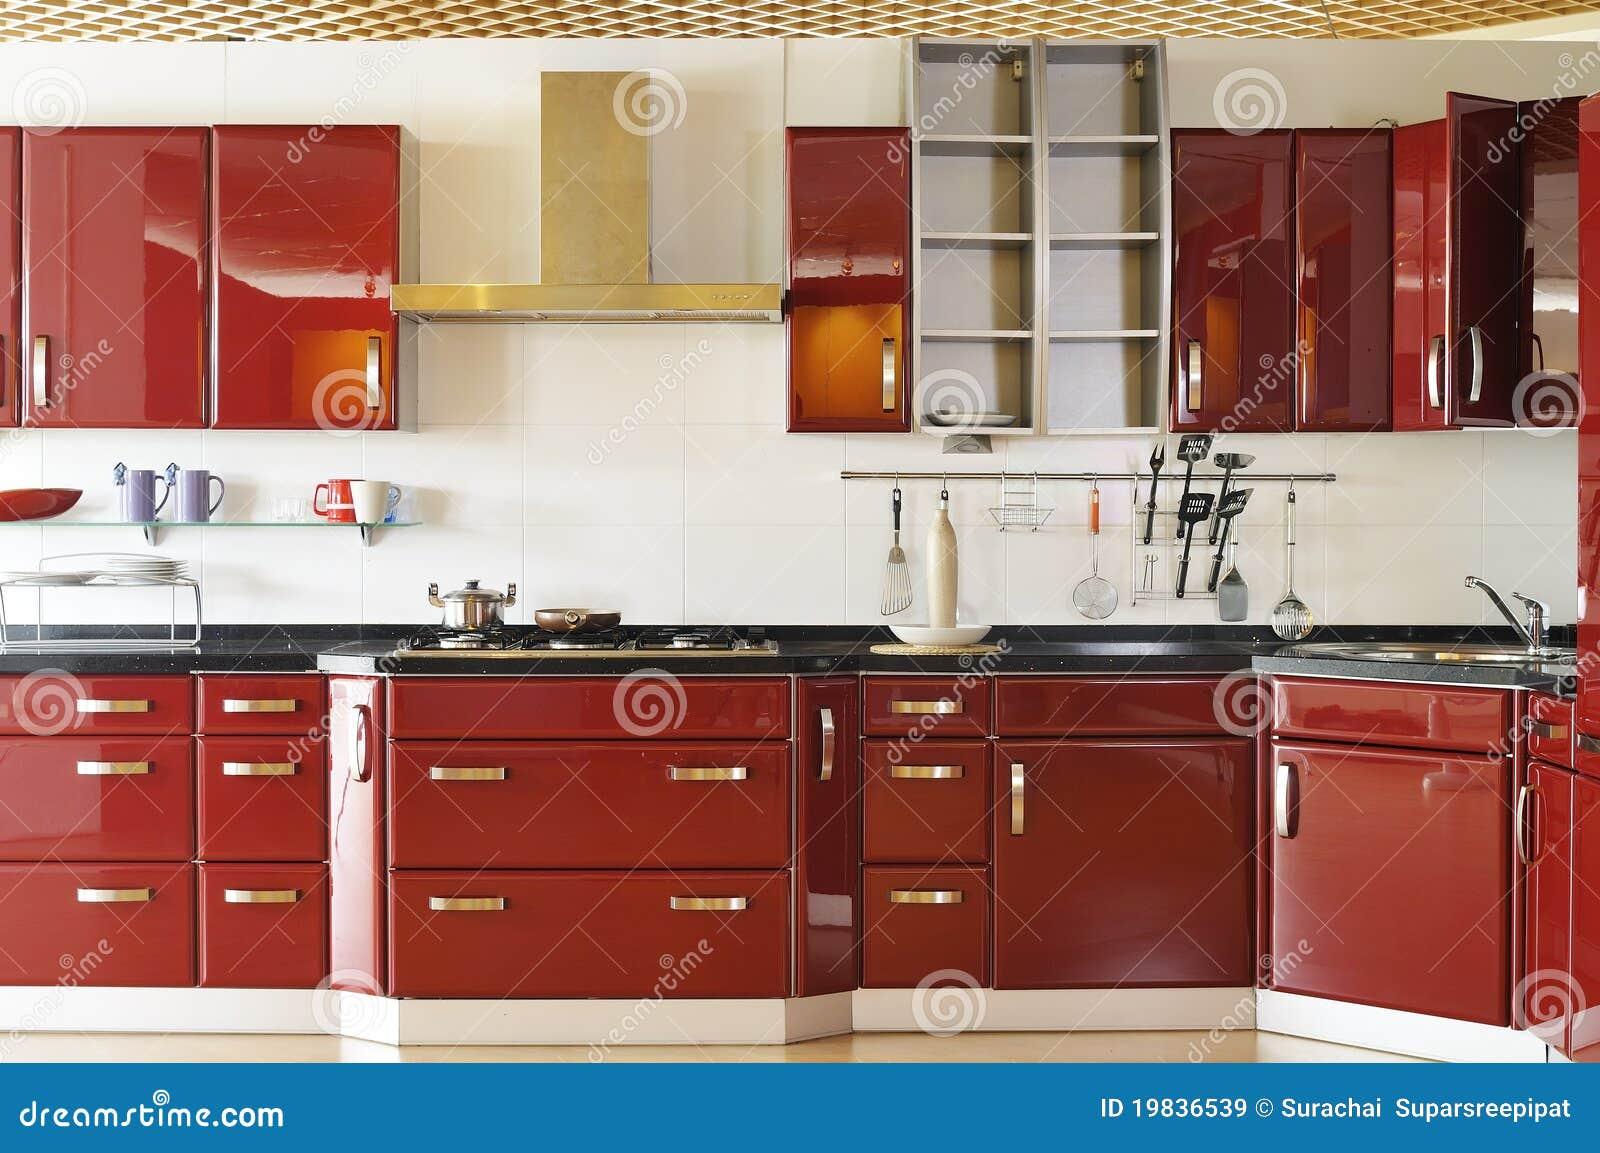 Bleu Marine Chambre D Hotes : Trappe De Module Moderne De Cuisine Des 03 Rougefoncé Images libres